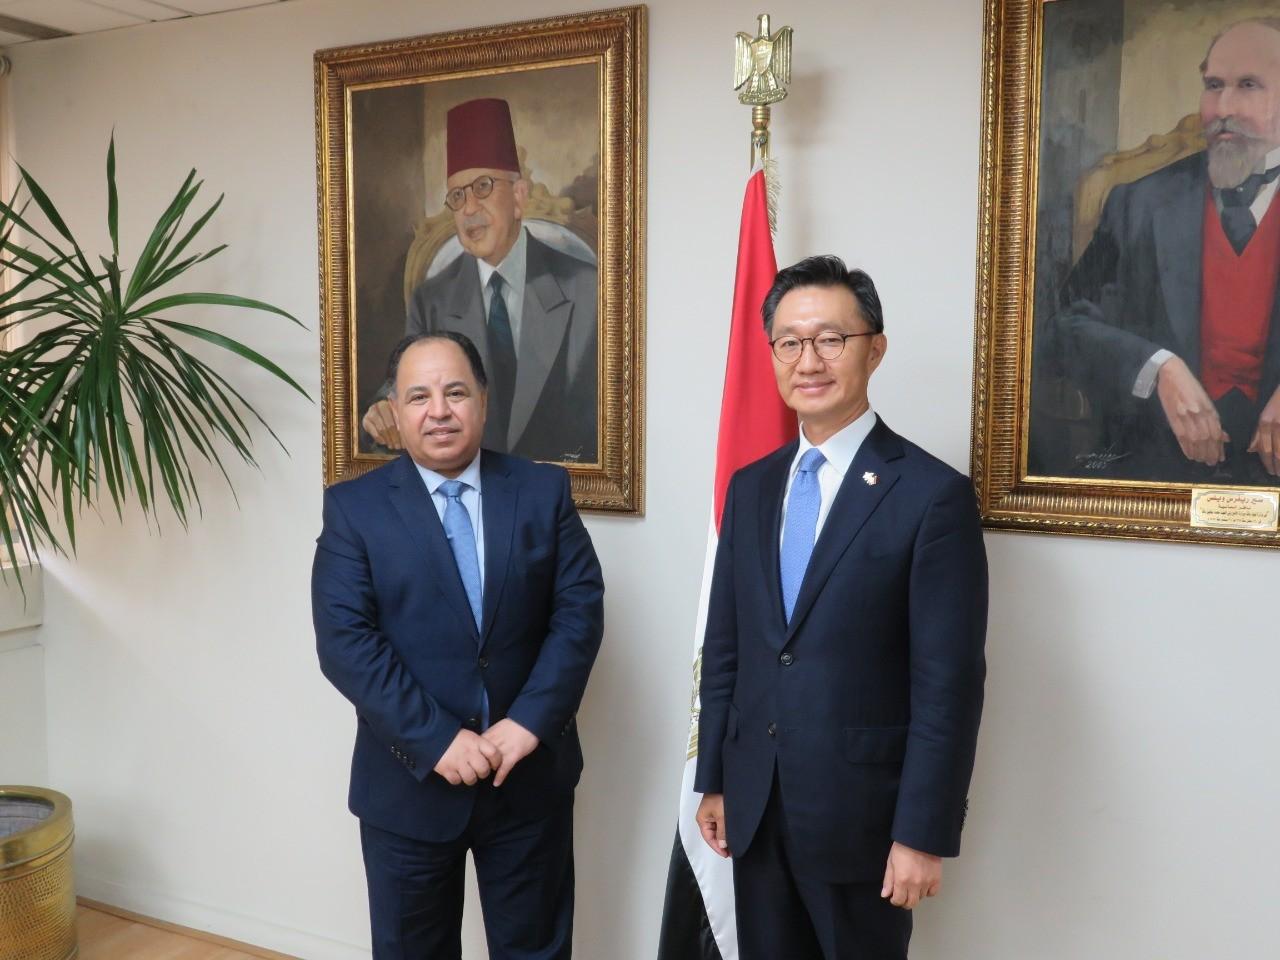 معيط خلال لقائه سفير كوريا الجنوبية: توجيهات رئاسية بتحفيز الاستثمارات في مصر خاصة الكورية